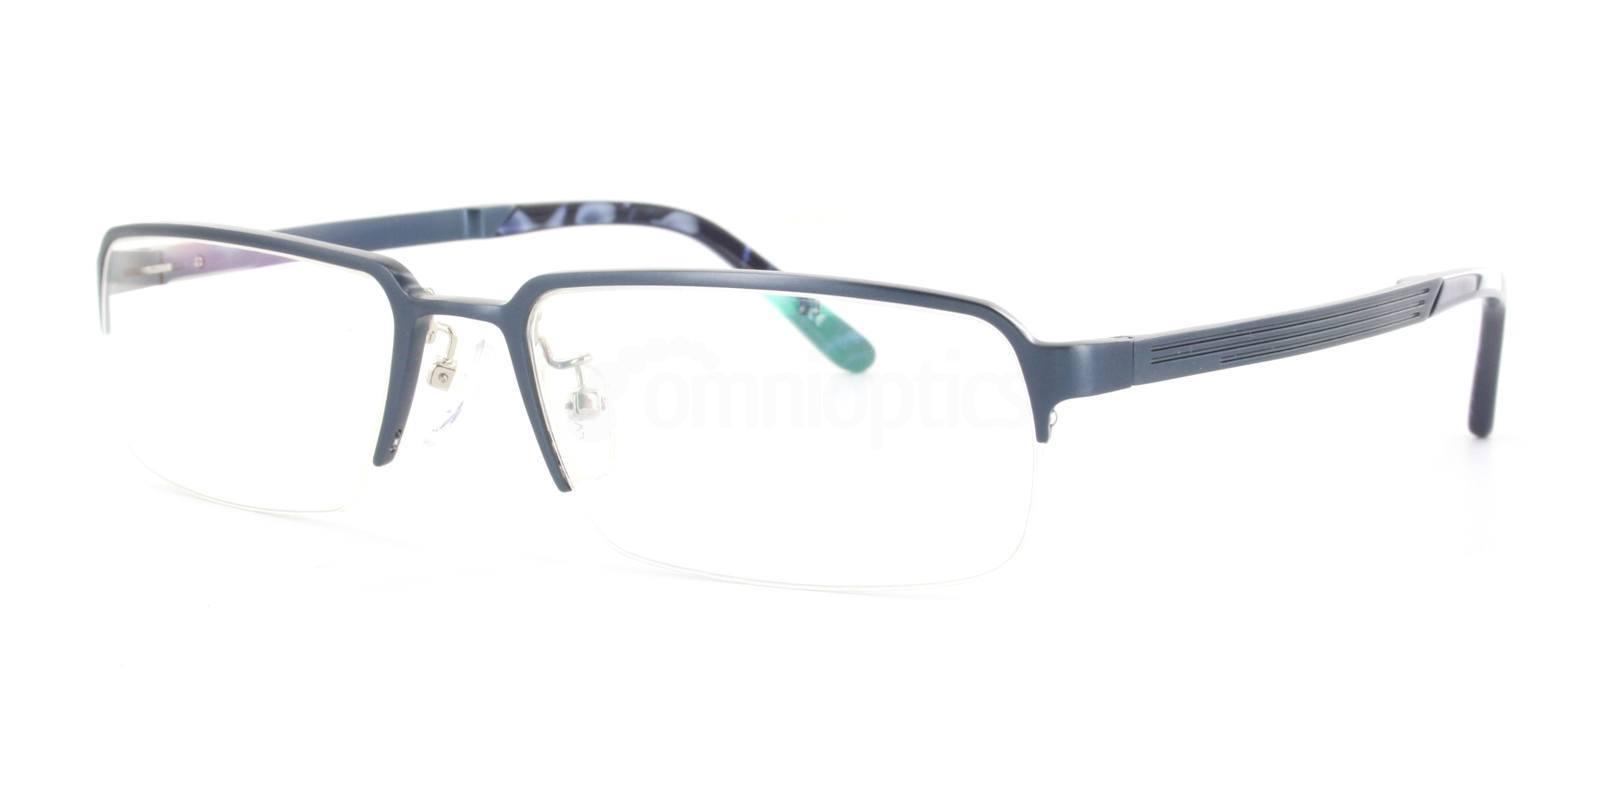 C7 GF093 Glasses, Antares